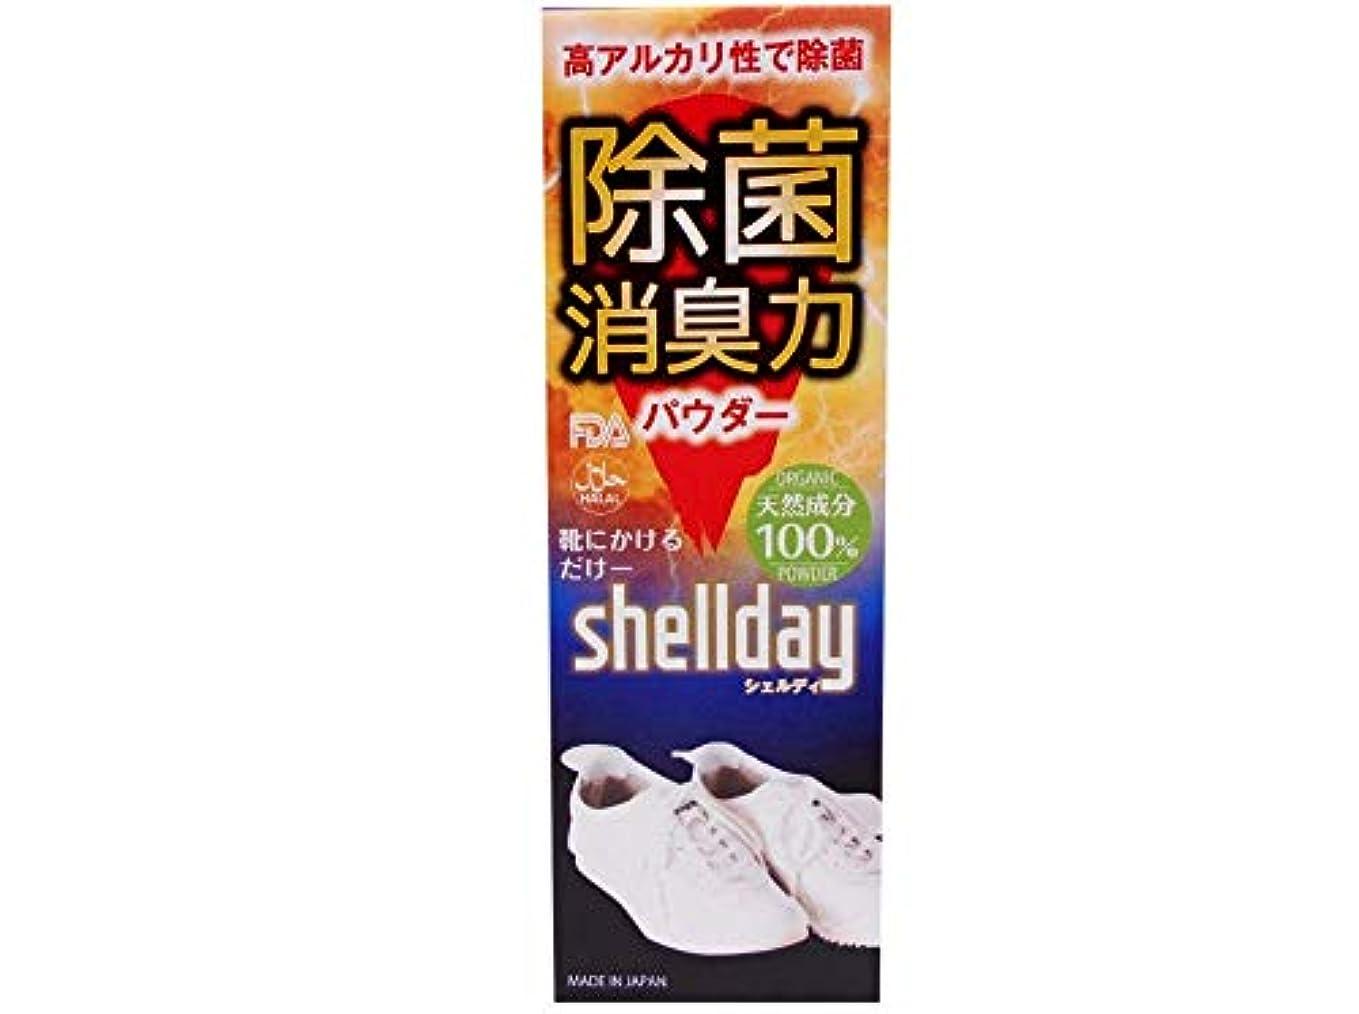 ギャロップ進む流行しているシェルデイ 靴消臭パウダー 大容量 80g 靴消臭 足の臭い対策消臭剤 100%天然素材